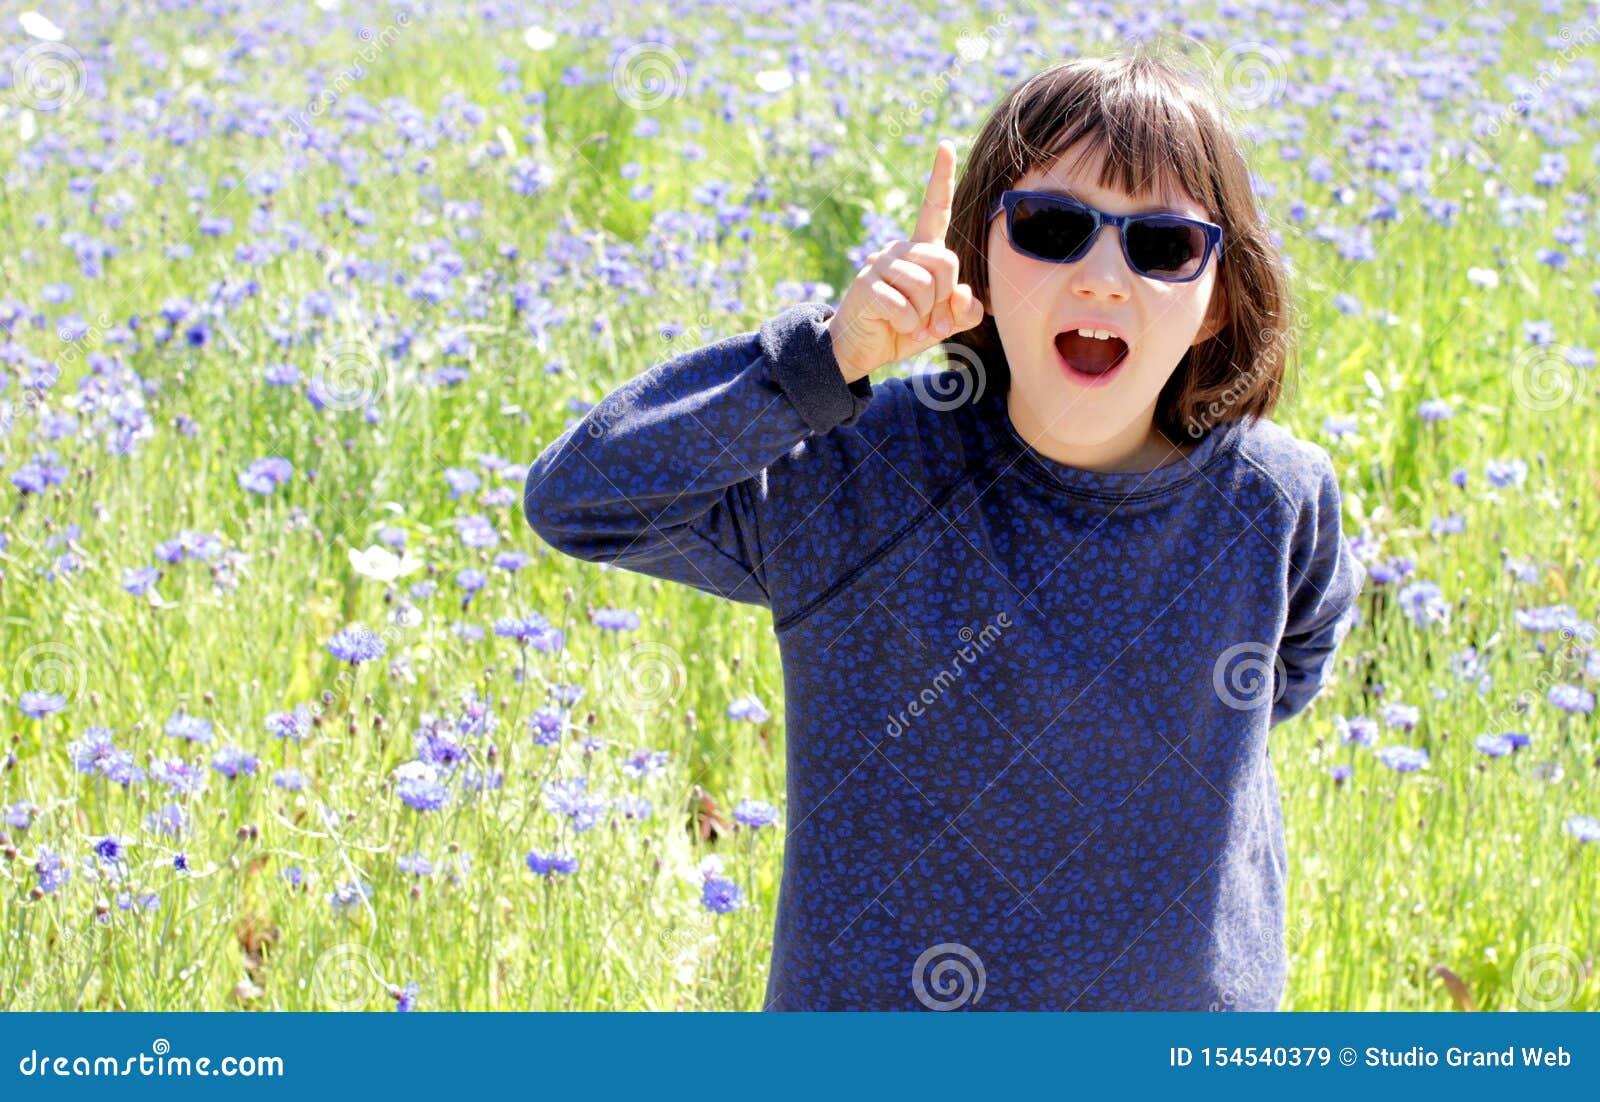 Hänfört uttrycksfullt barn med solglasögon över den soliga blåklintängen som är utomhus-